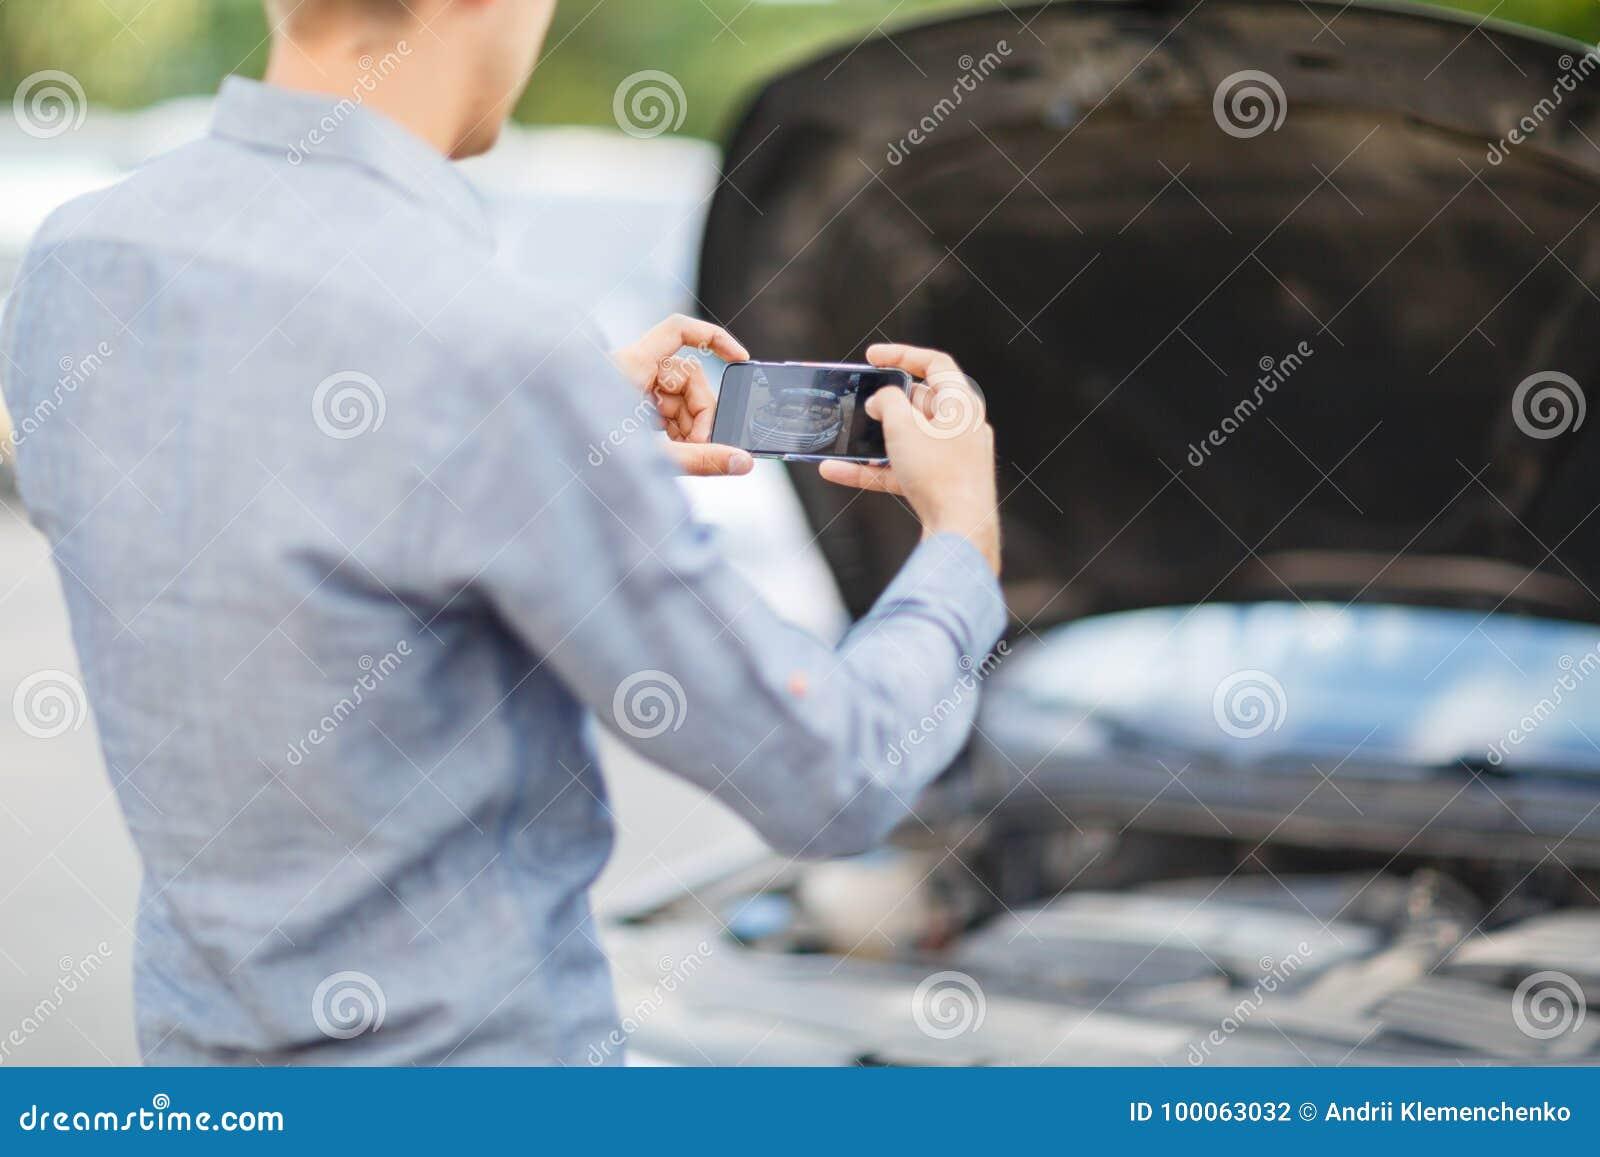 Um indivíduo novo toma uma imagem de um motor de automóveis